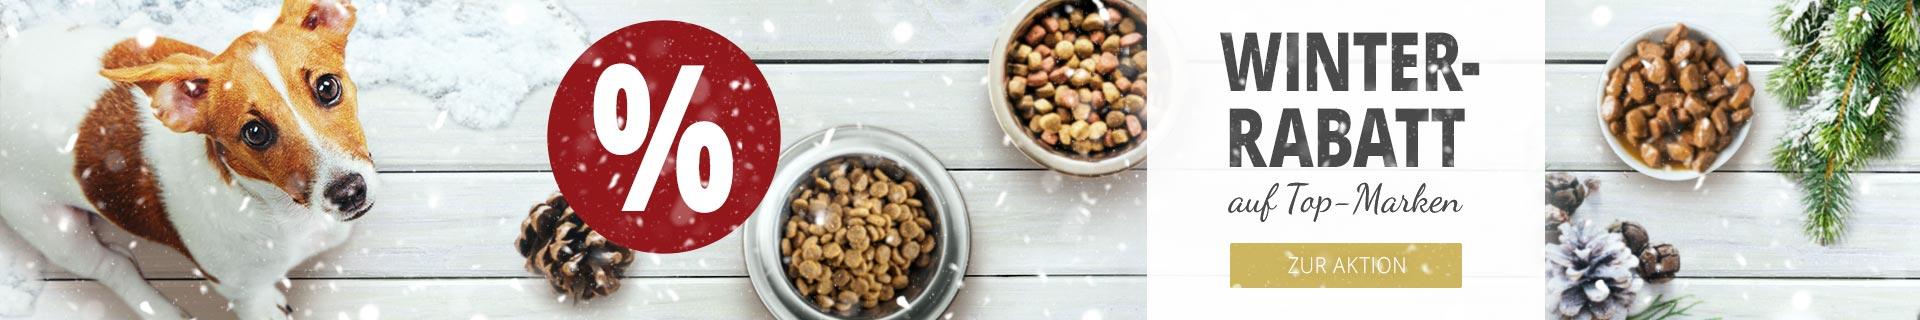 Hundefutter Rabattaktion auf Top-Marken